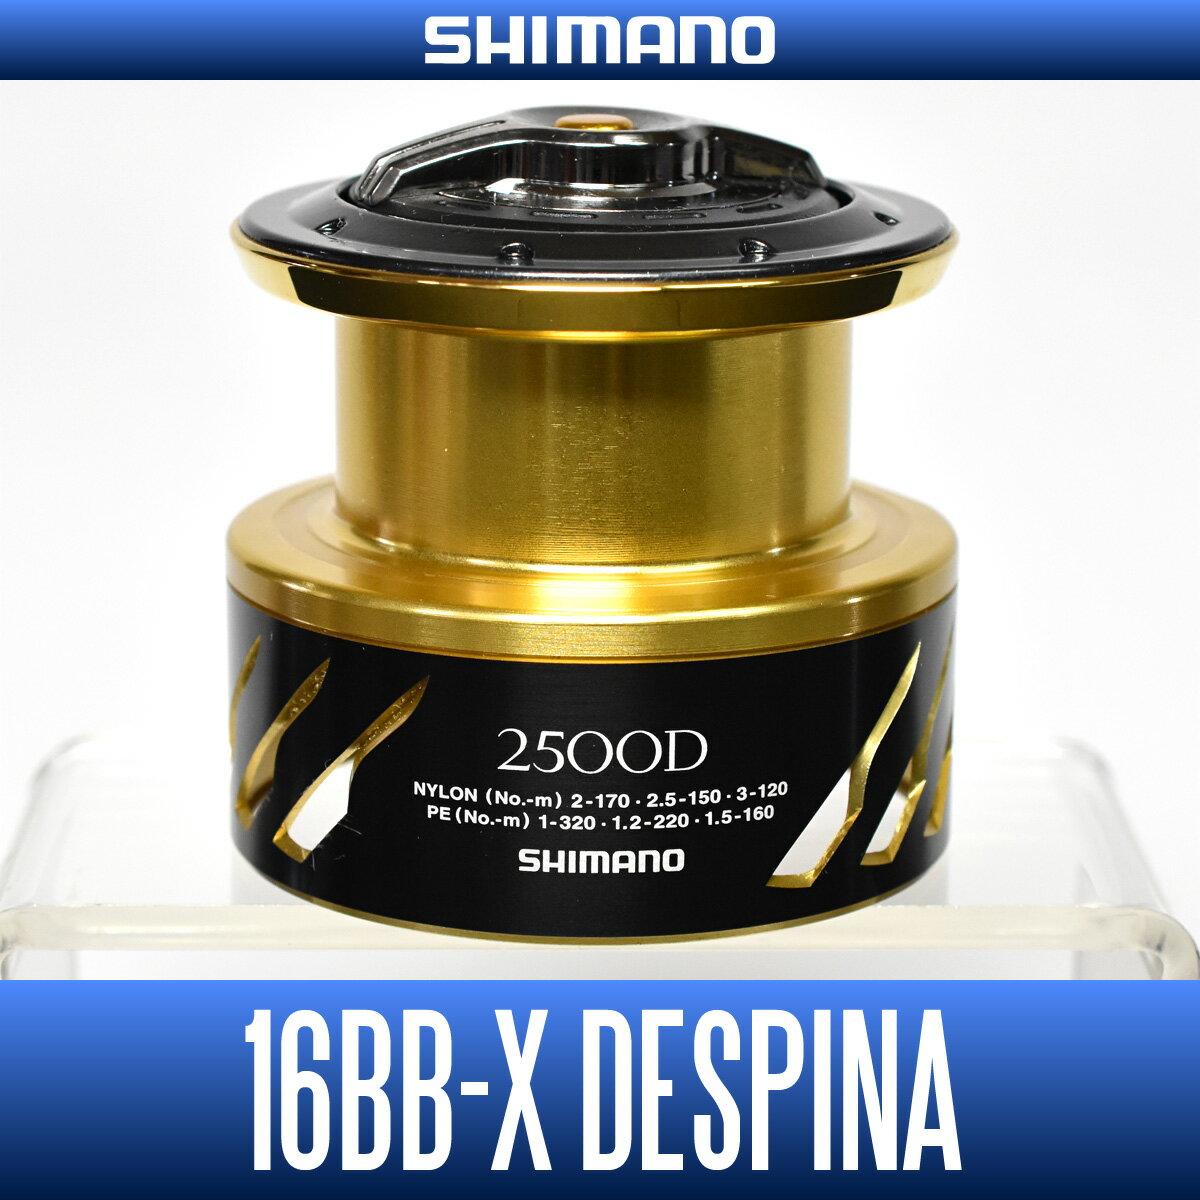 【シマノ純正】16BB-X デスピナ 2500D番クラス スペアスプール